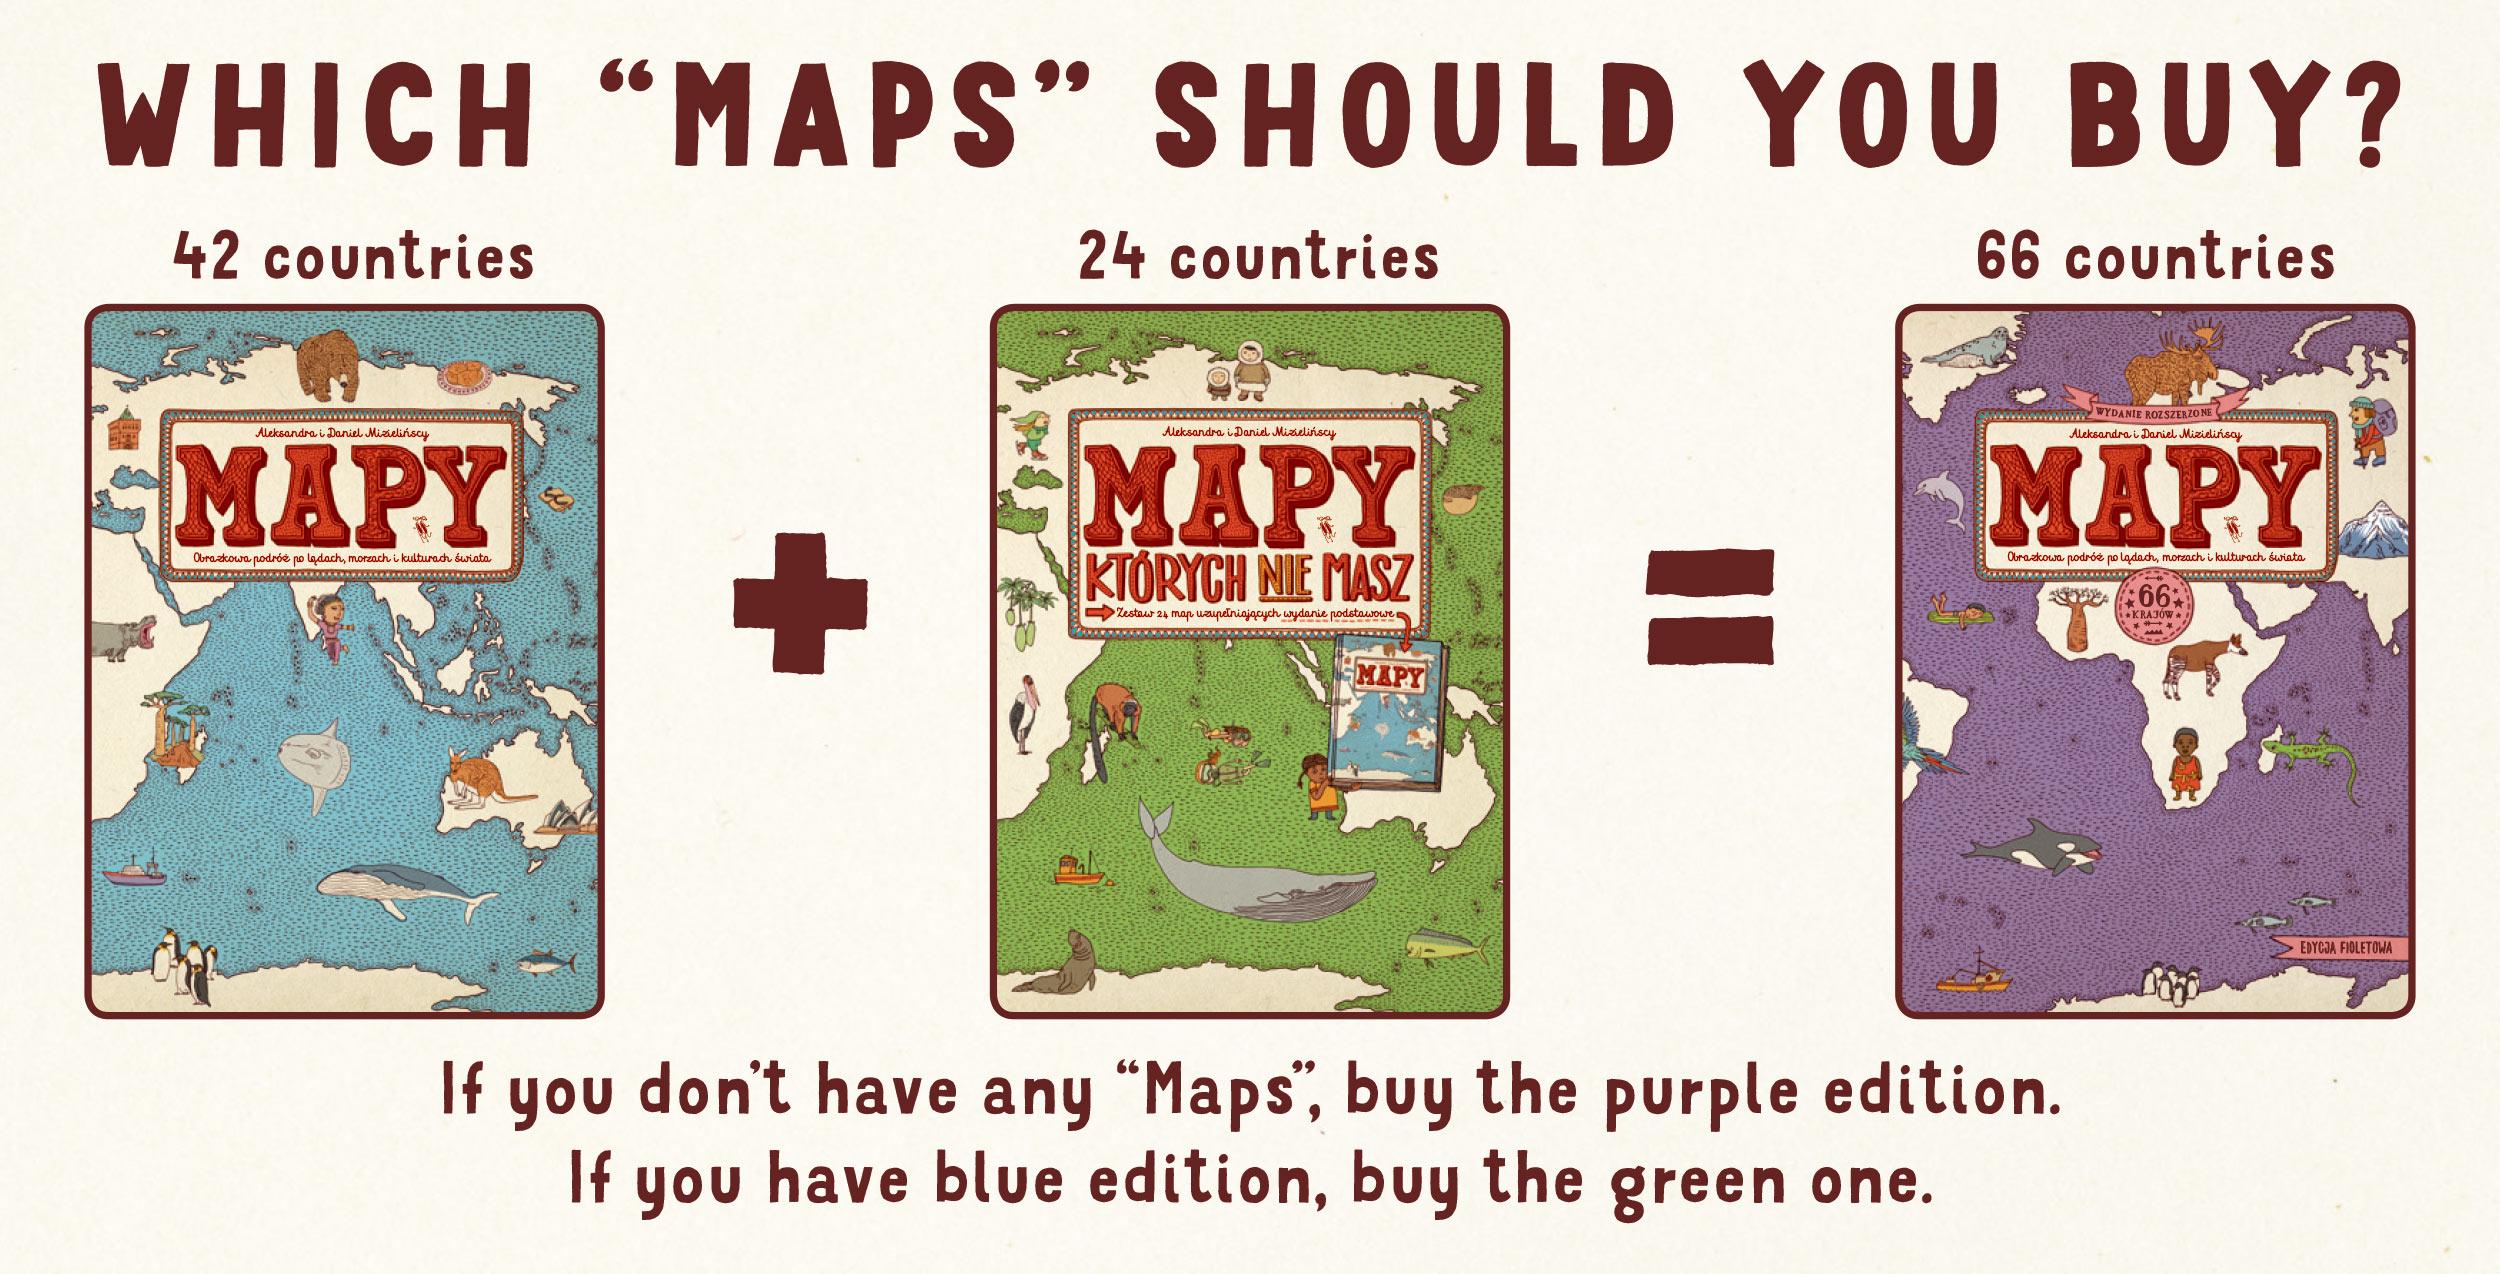 pocztowka_rozne_wydania_MAP.jpg